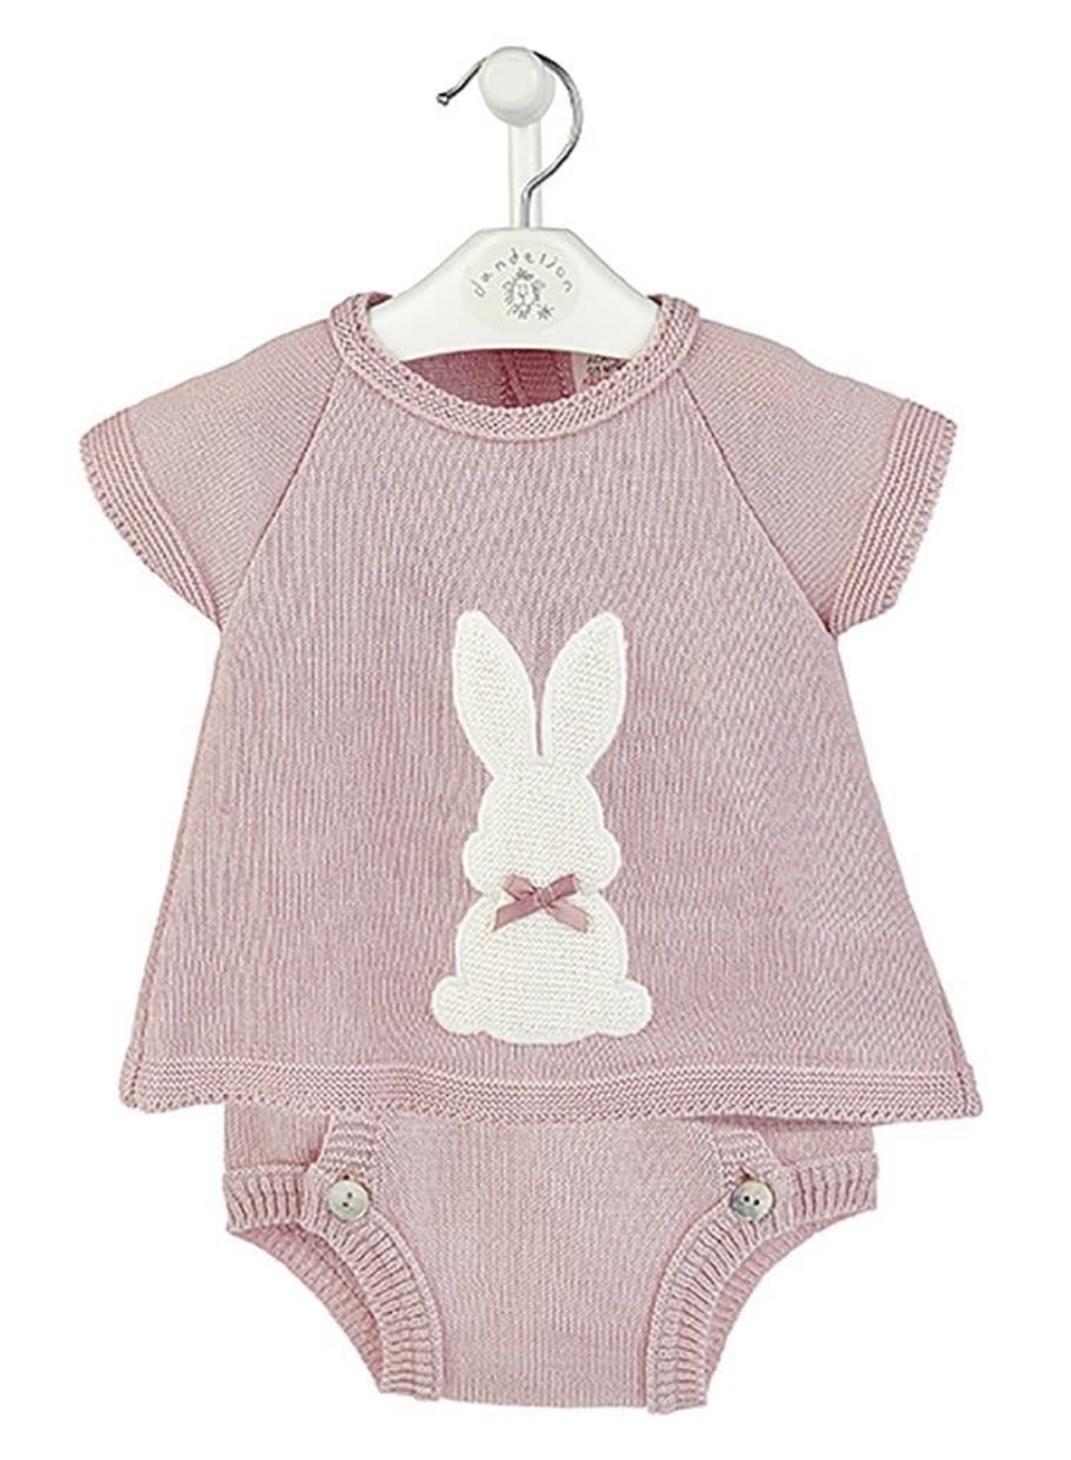 Dandelion Dandelion Bunny Top & Pants 3593 Pink